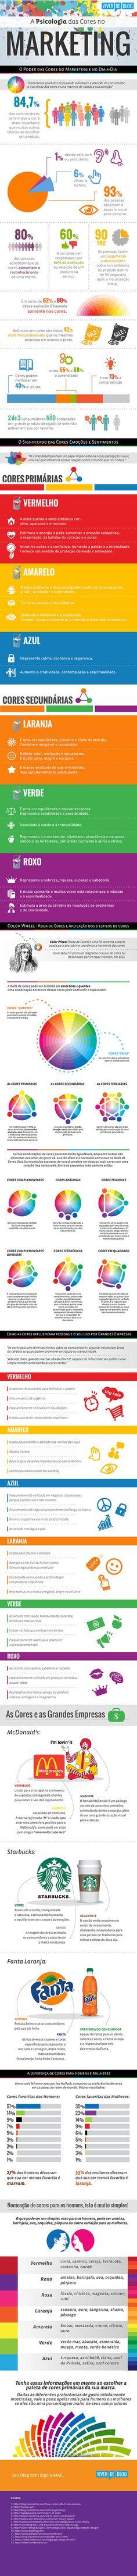 Como a psicologia das cores influencia o comportamento do usuário no e-commerce? Saiba mais sobre a influência das cores no nosso dia a dia.